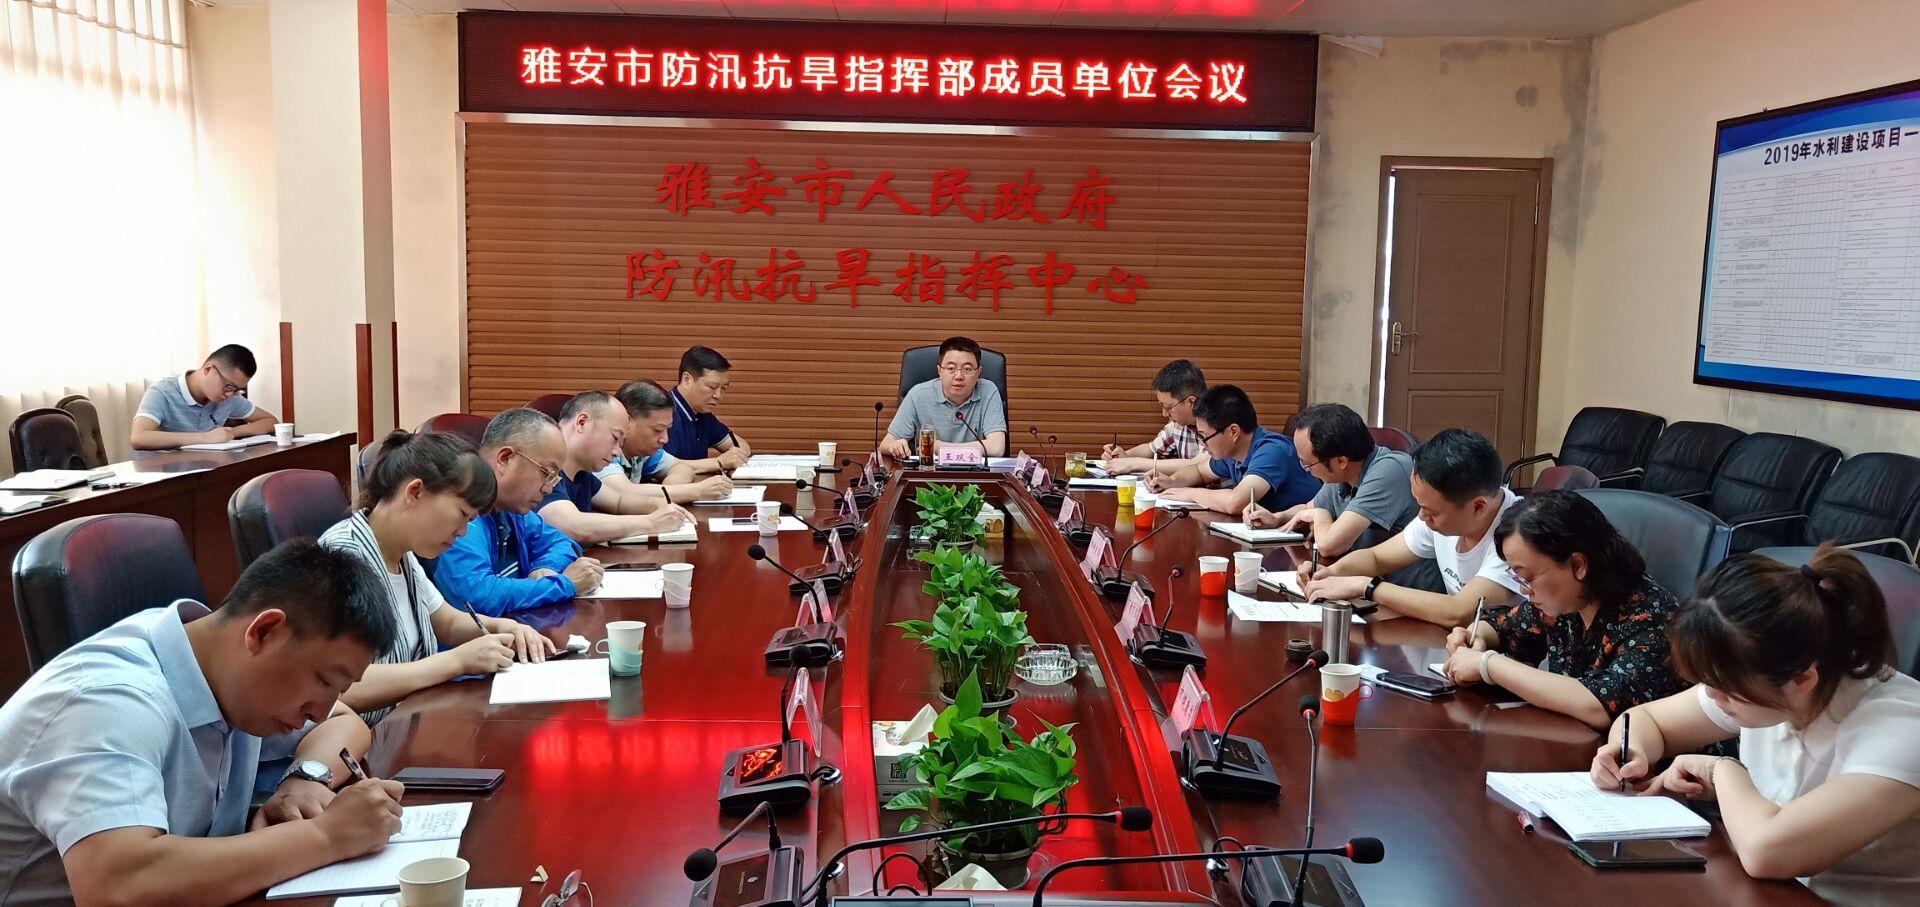 市防汛抗旱指挥部召开防汛抗旱指挥部成员单位会议